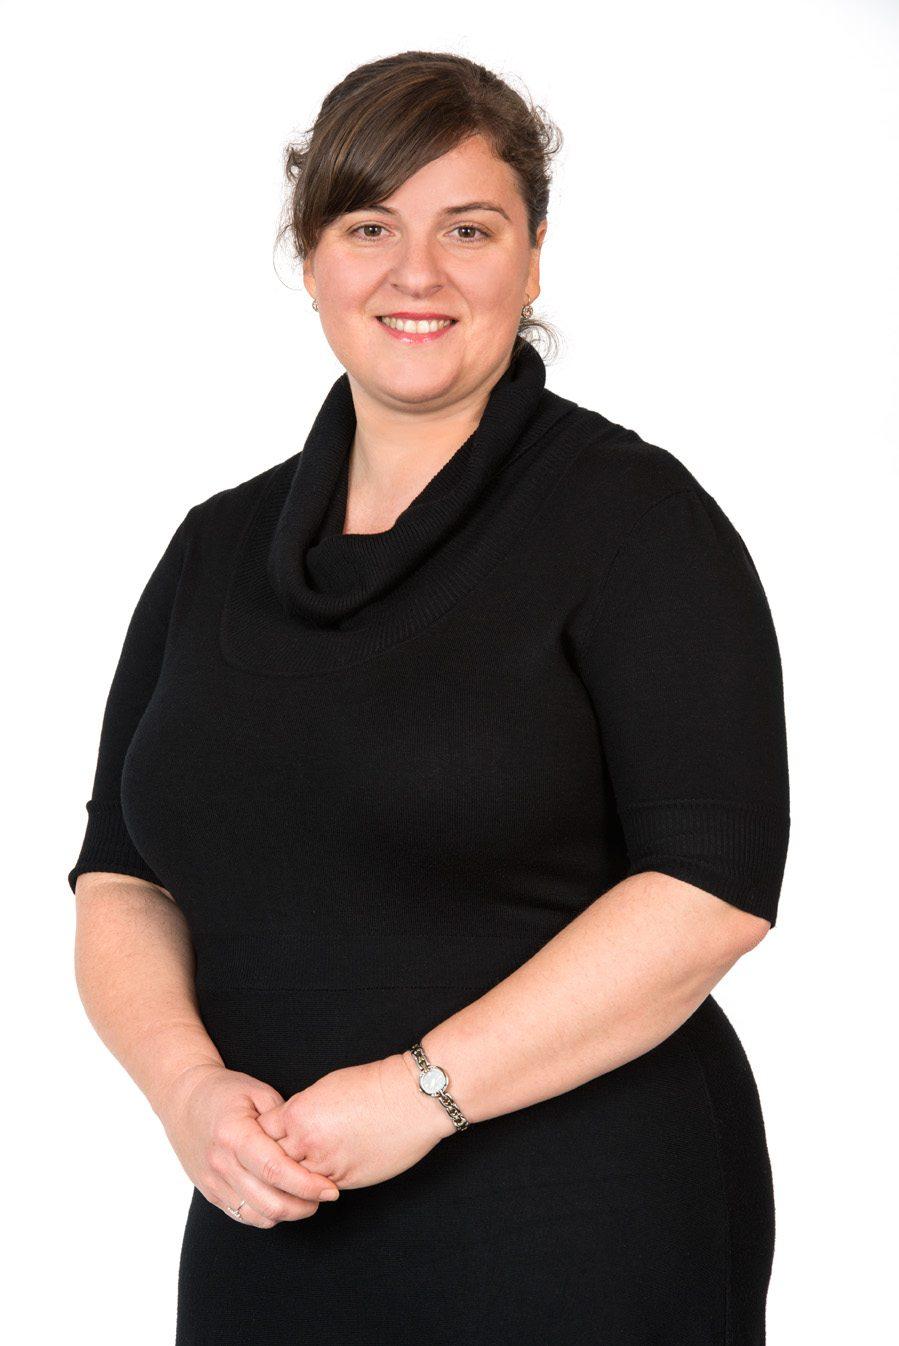 Linda Scalzi